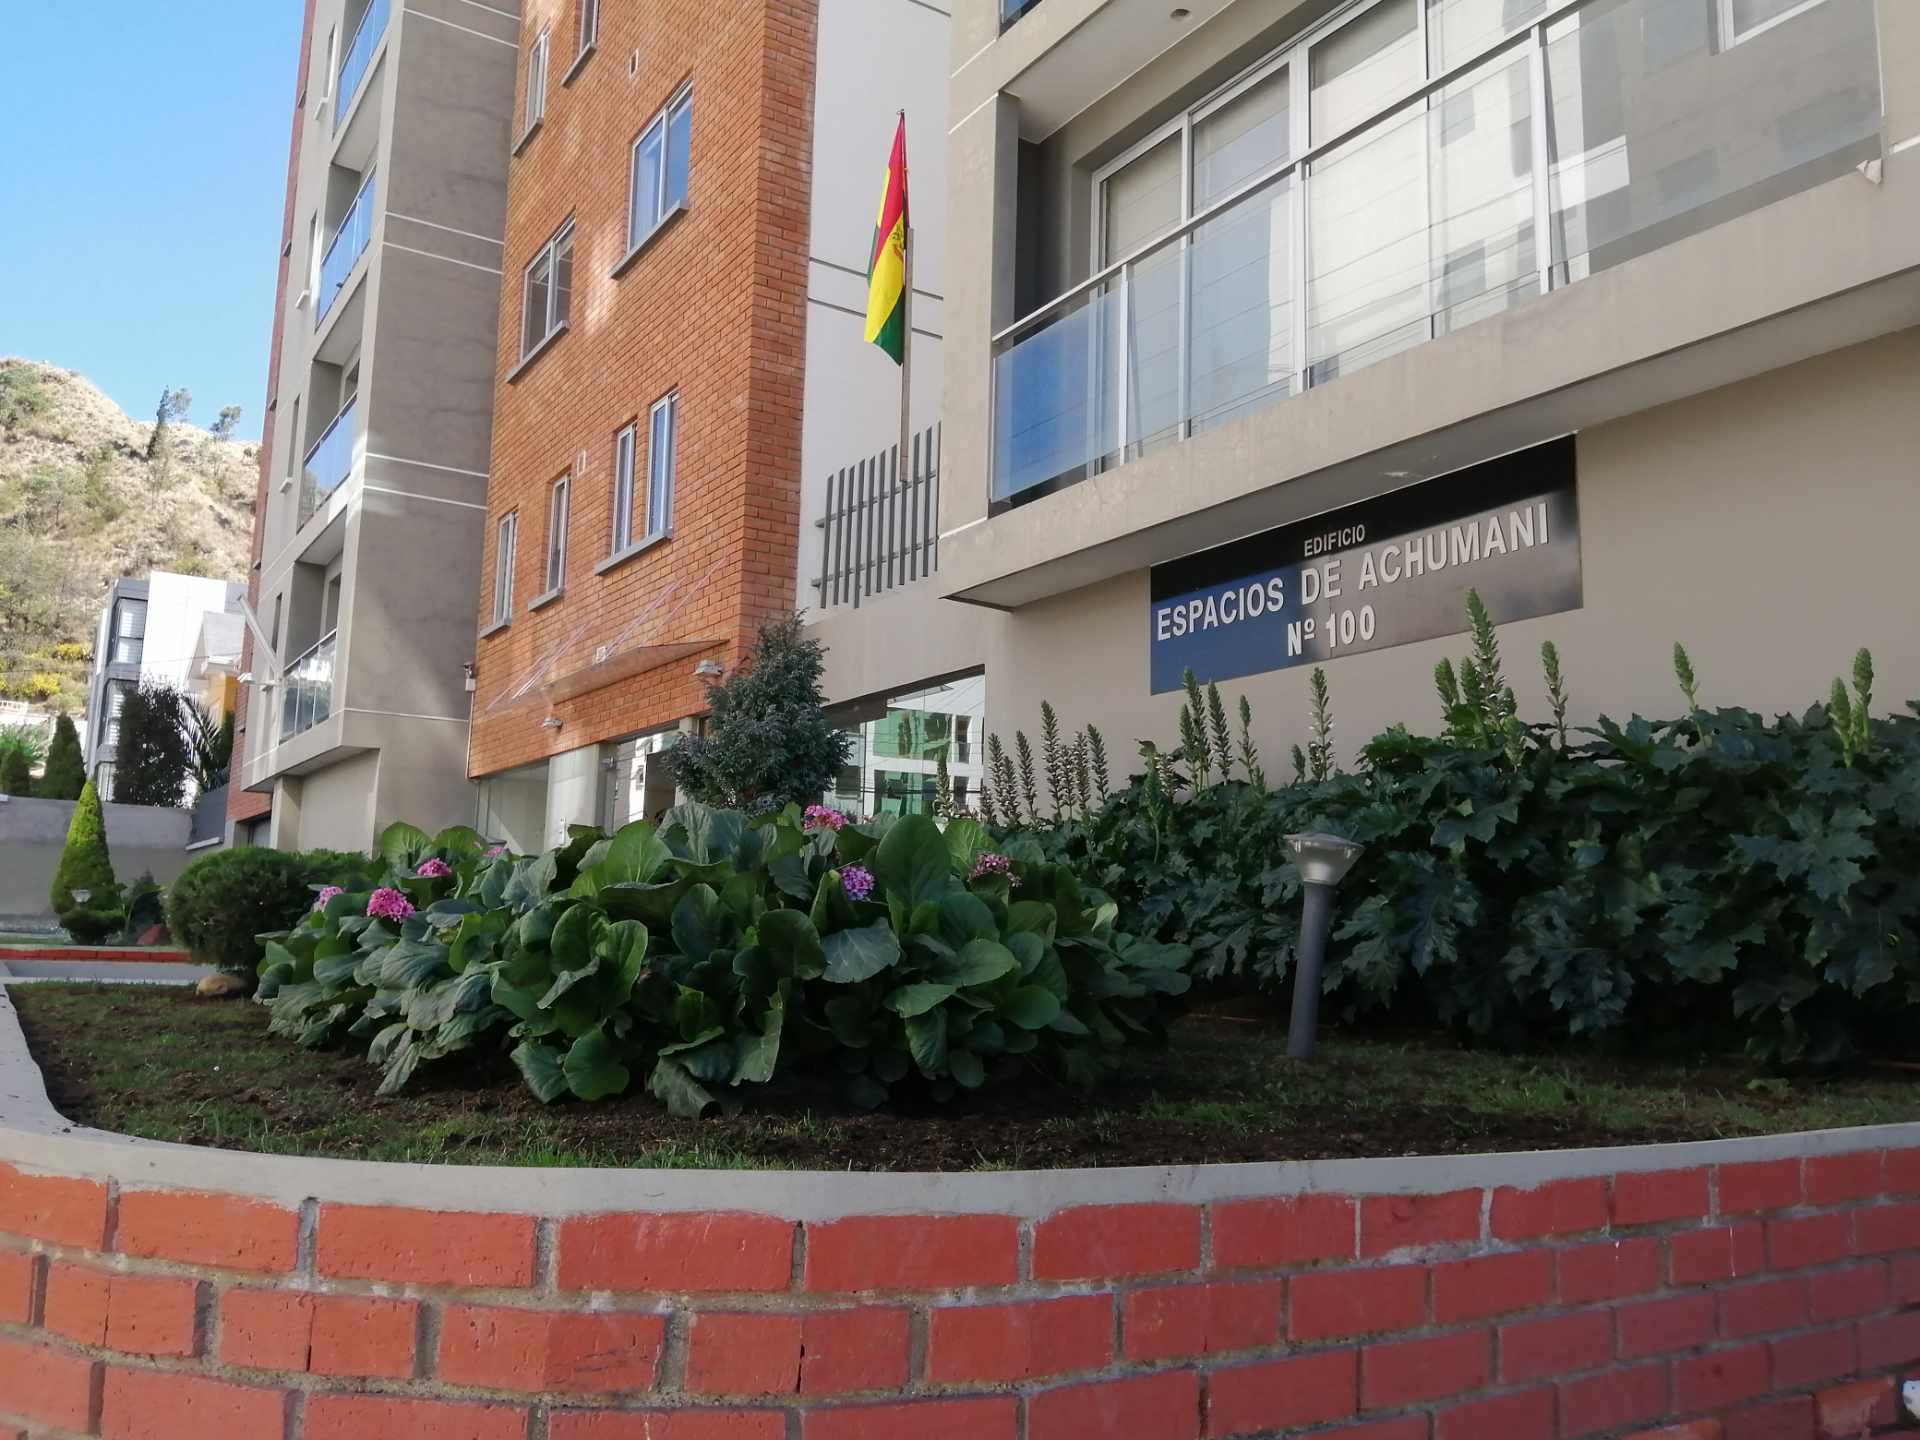 Departamento en Alquiler ACHUMANI, SECTOR SAN RAMON CALLE 28 I EDIFICIO ESPACIOS DE ACHUMANI PISO 6  Foto 16